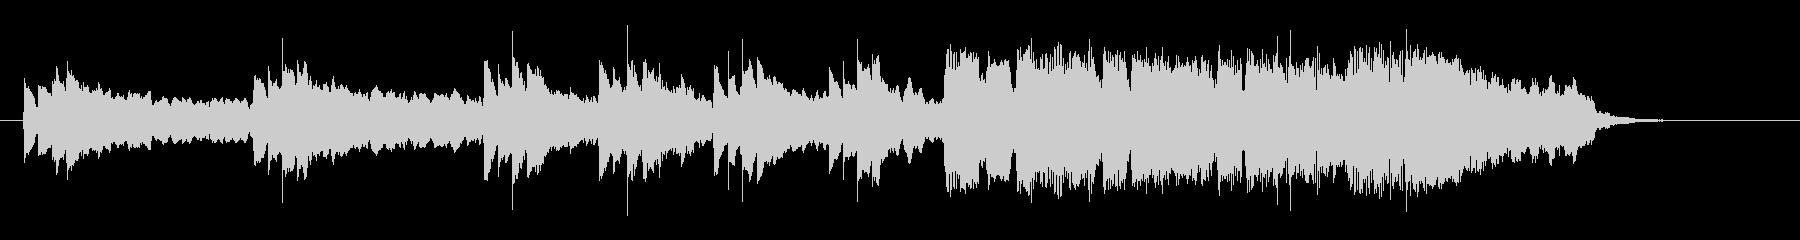 アルペジオとストリングスのヒーリングの未再生の波形